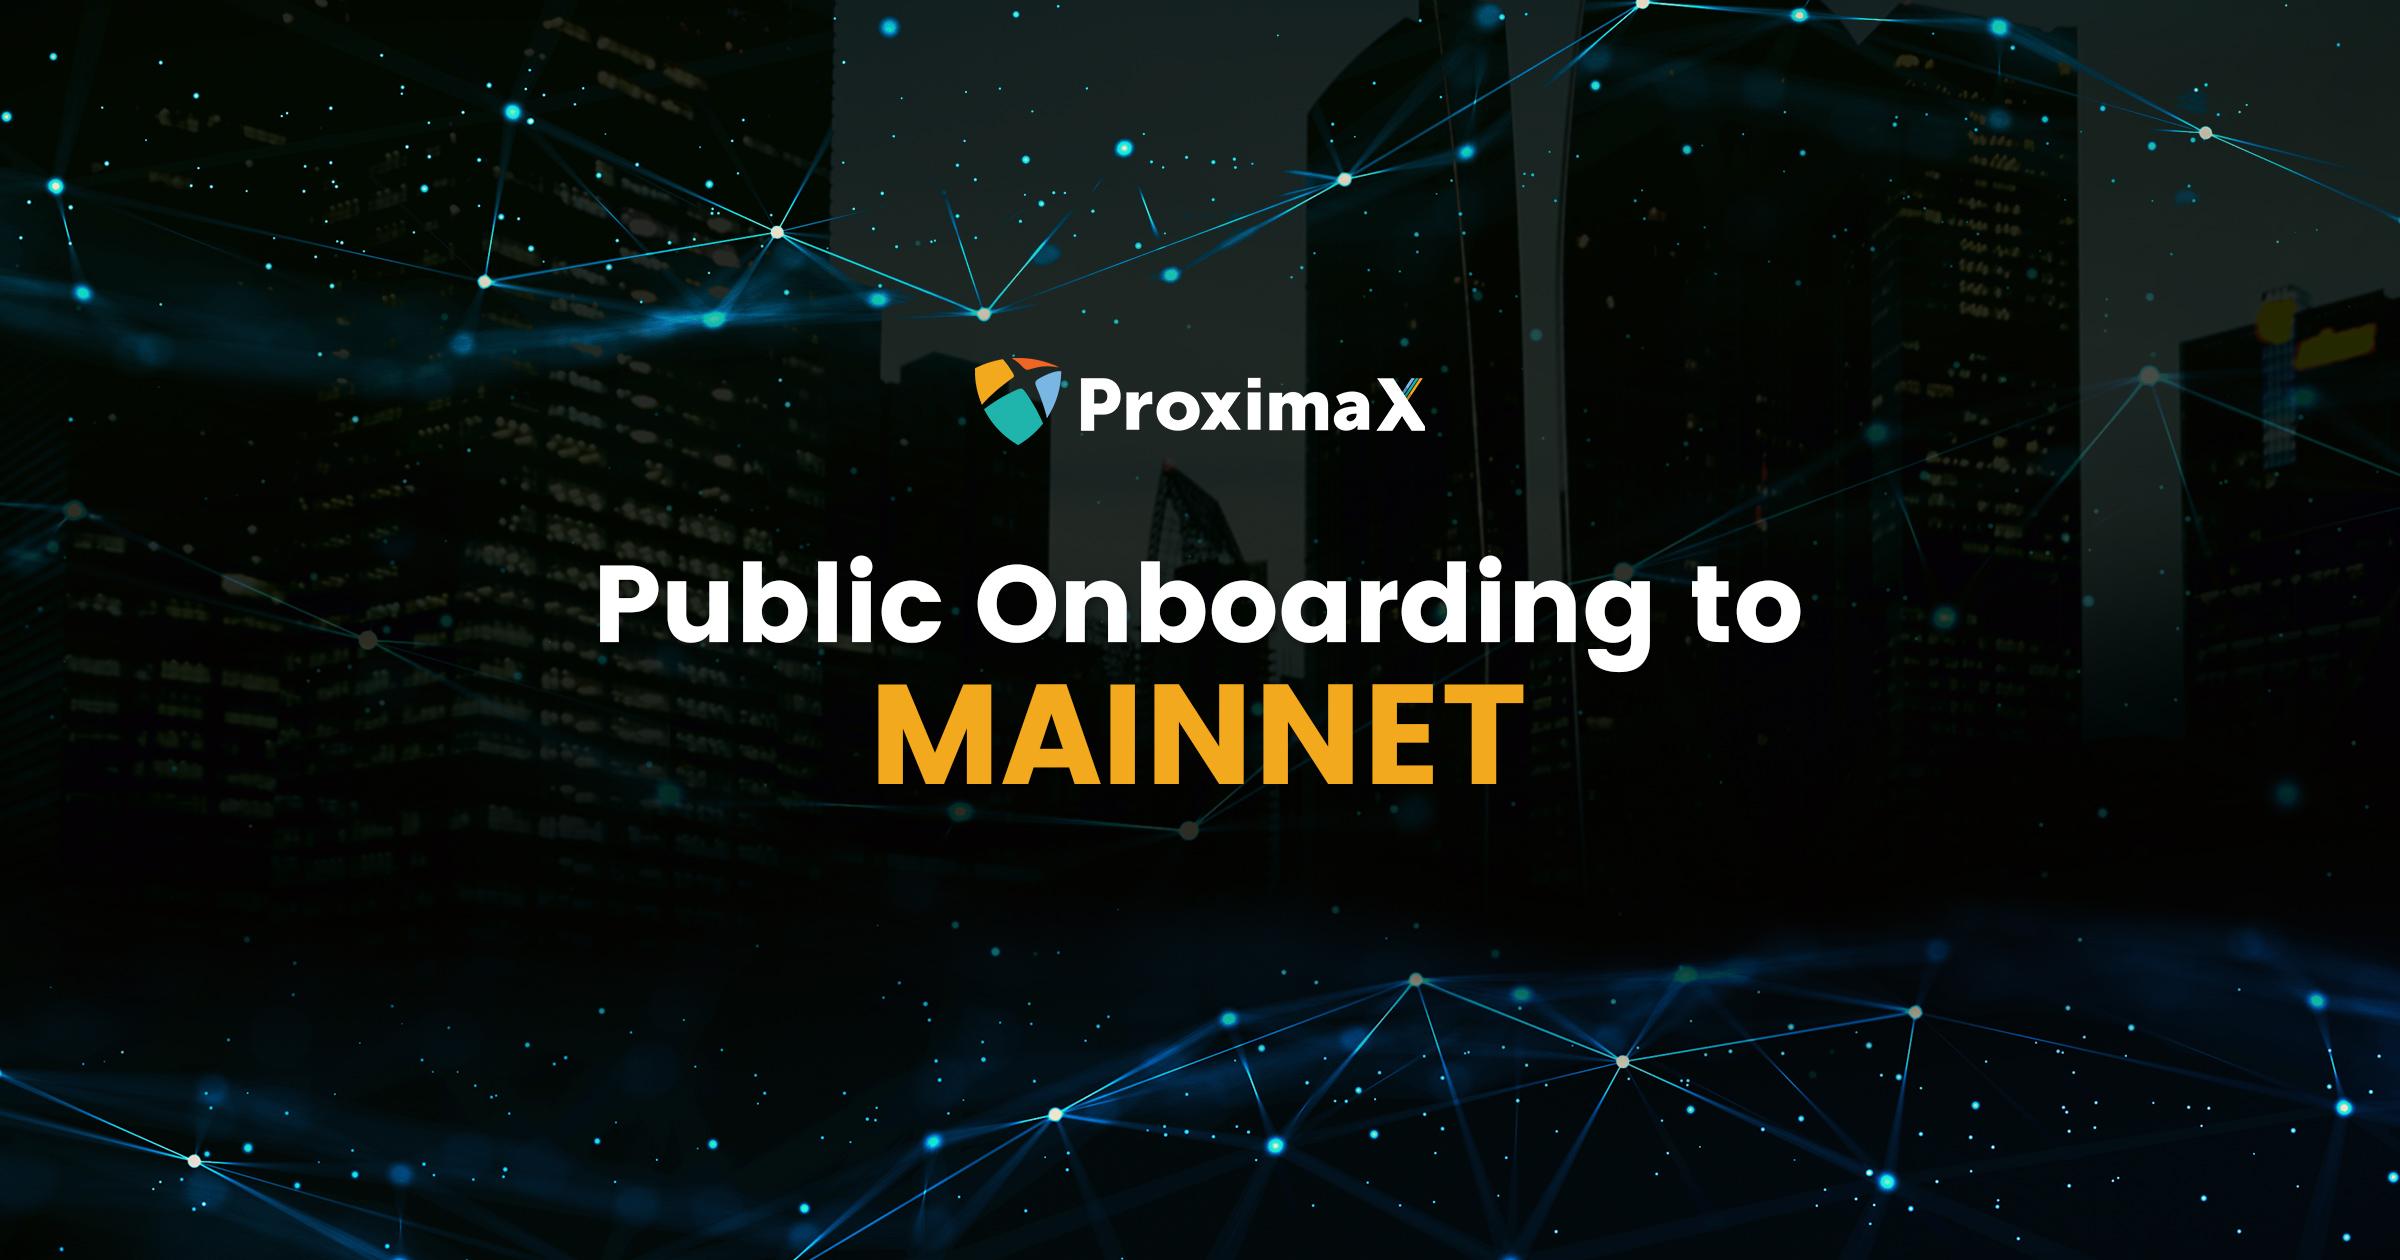 Public Onboarding to MAINNET